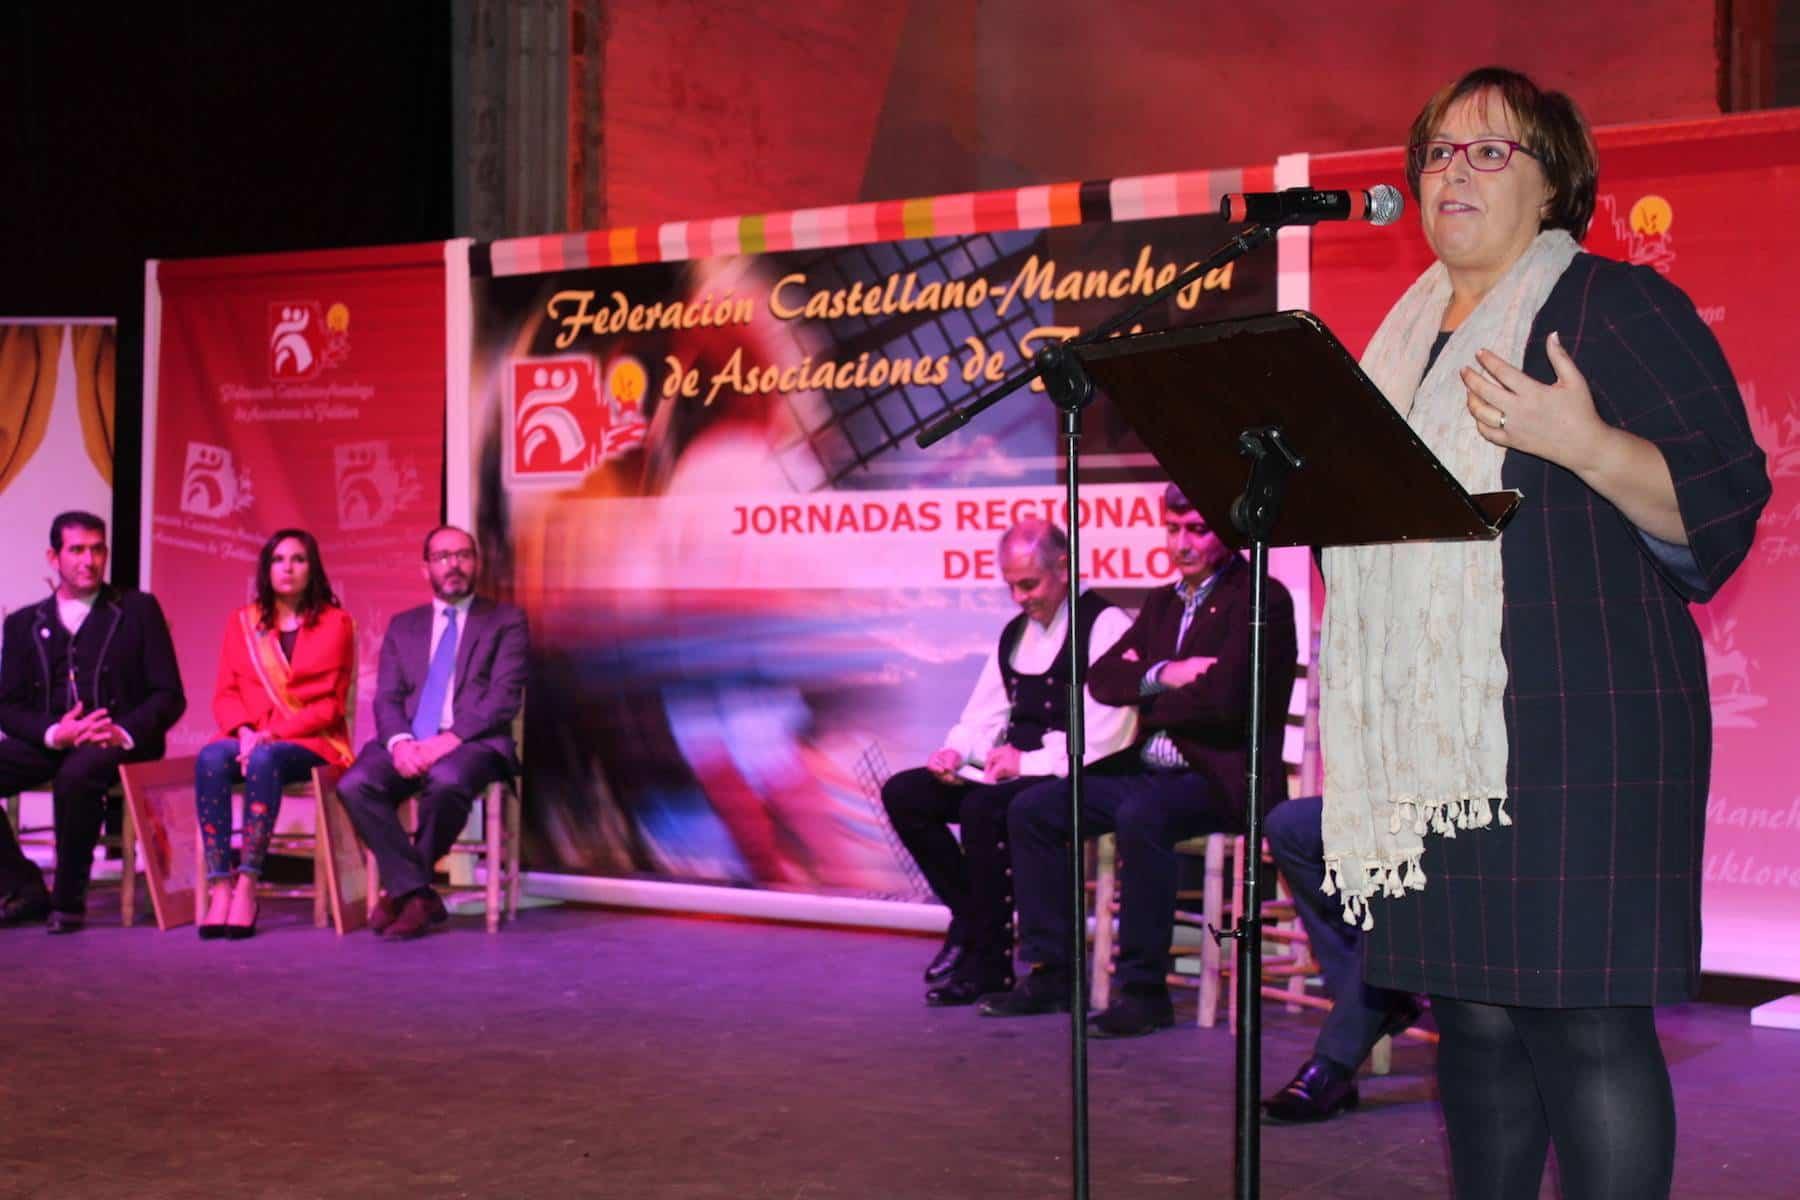 Jornadas regionales de Folclore con Olmedo